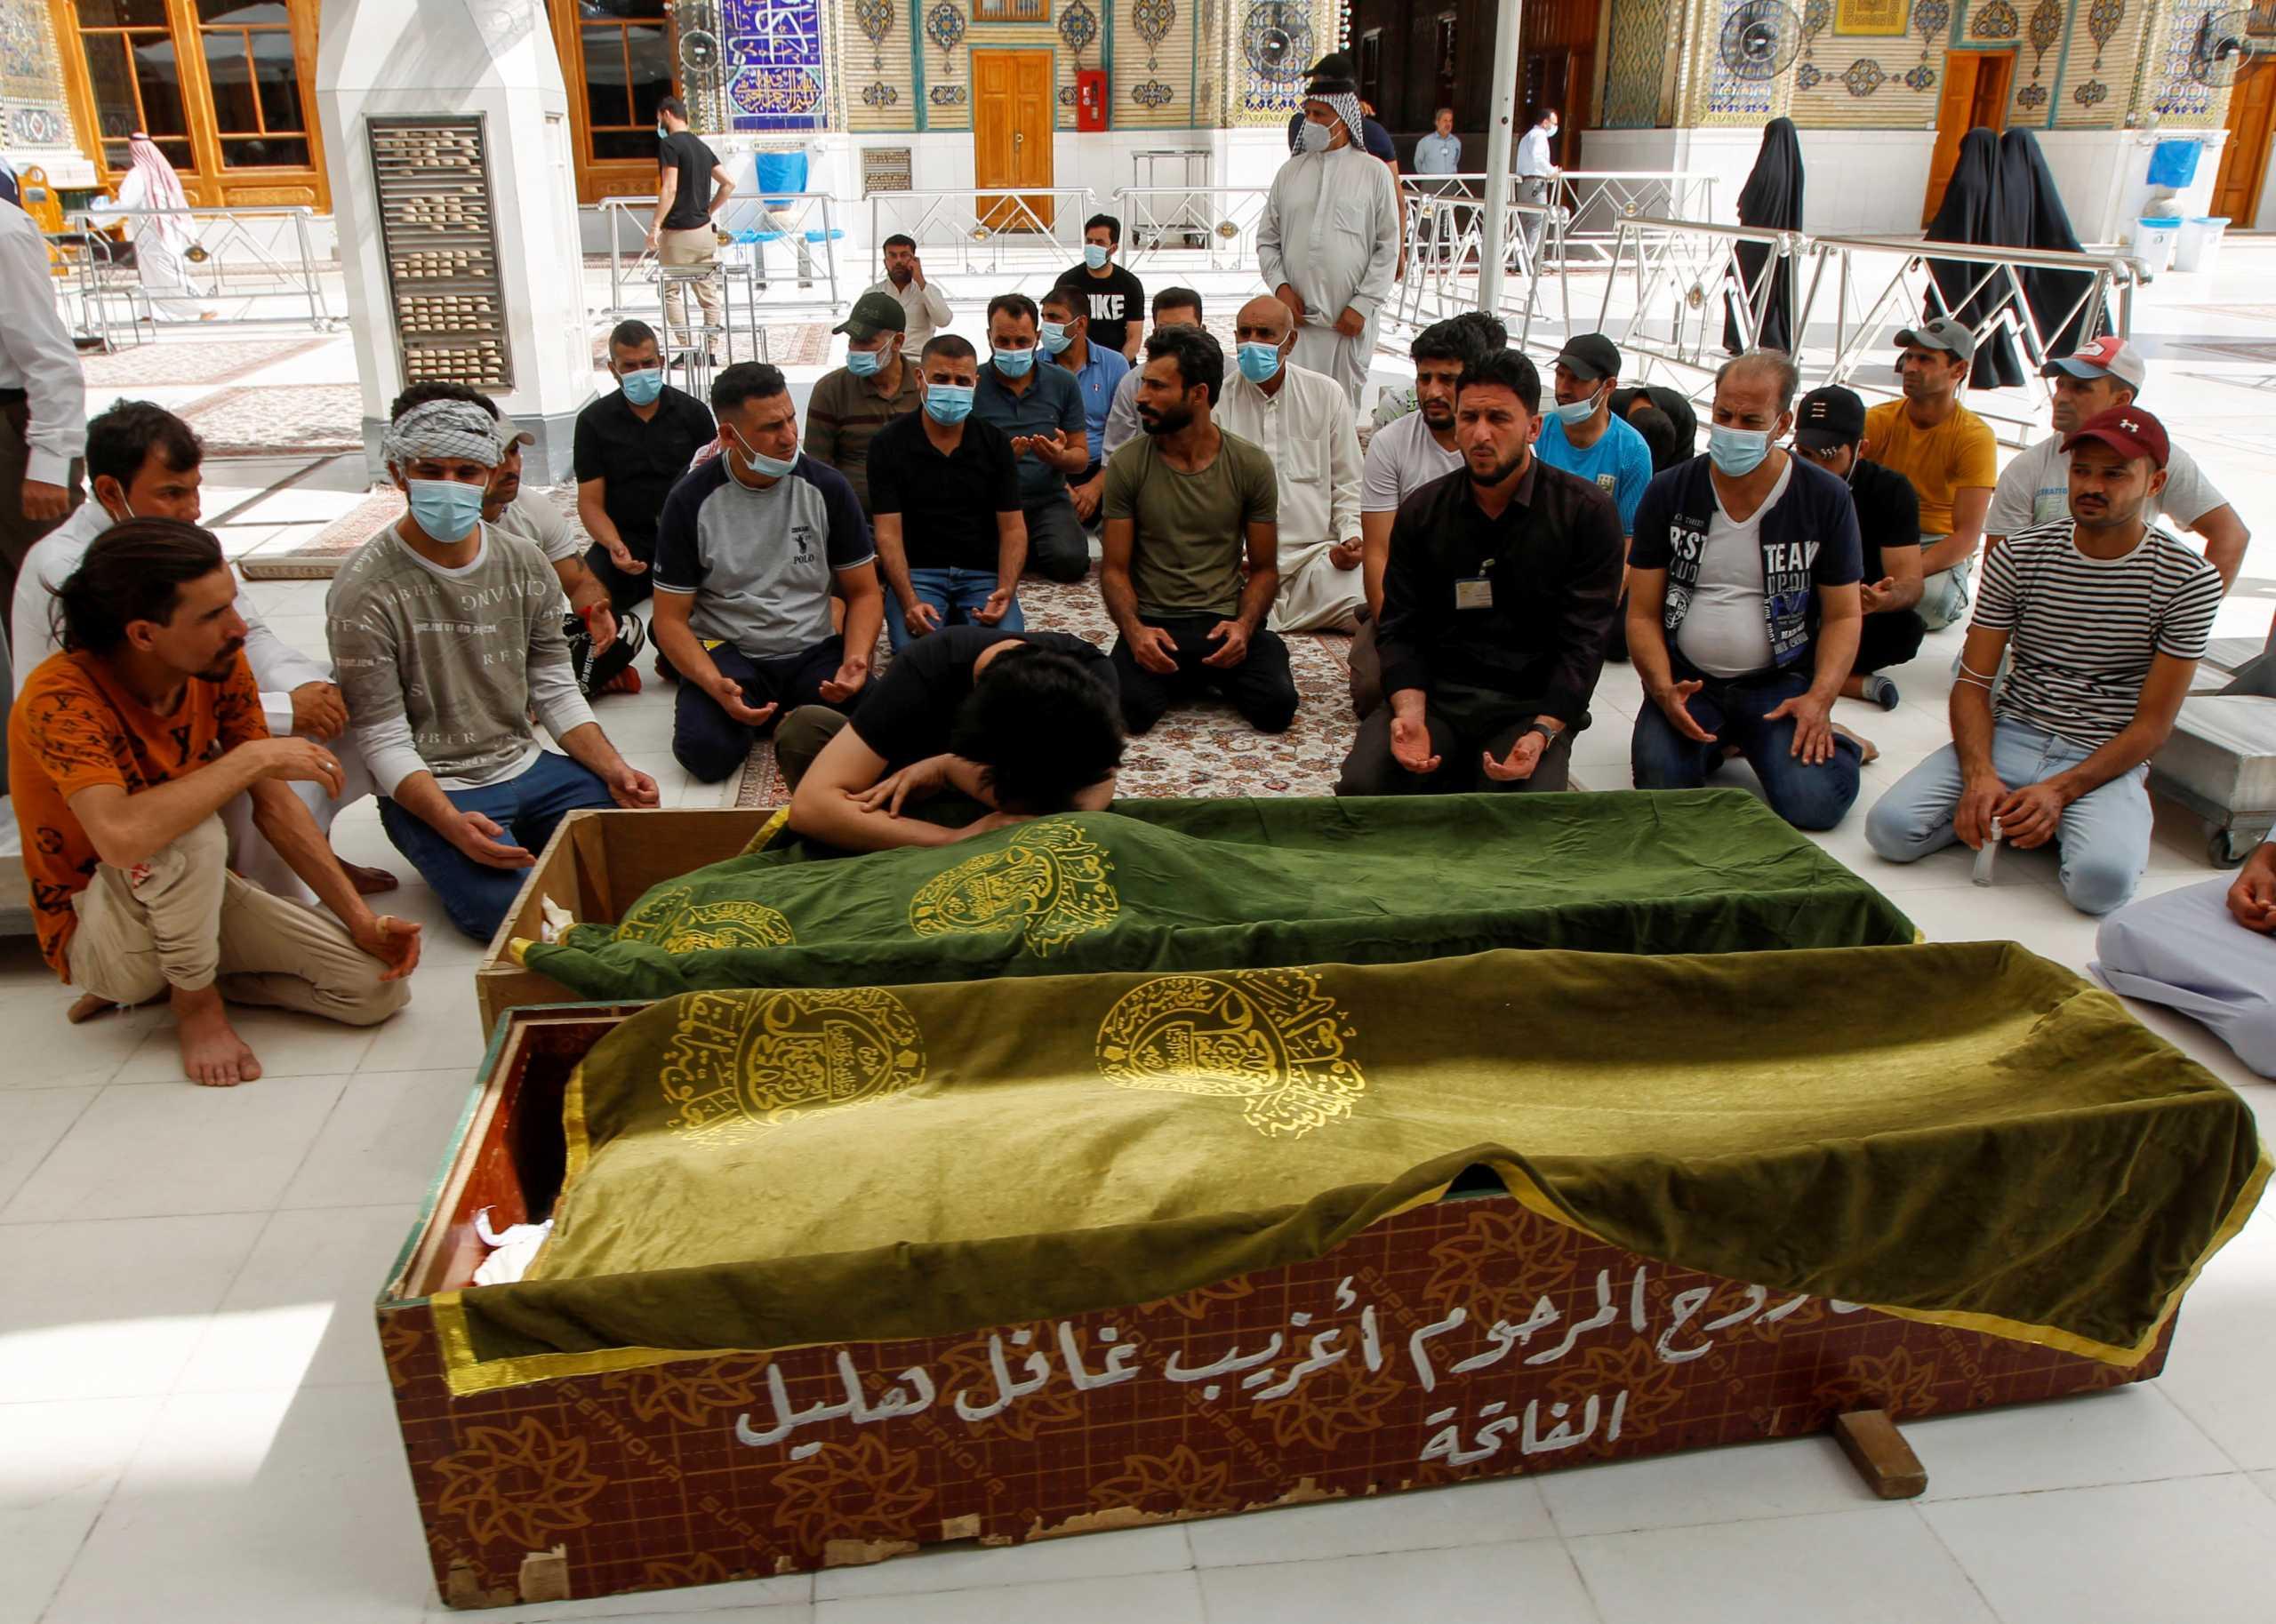 Ασύλληπτη τραγωδία στη Βαγδάτη: 82 νεκροί από φωτιά σε νοσοκομείο